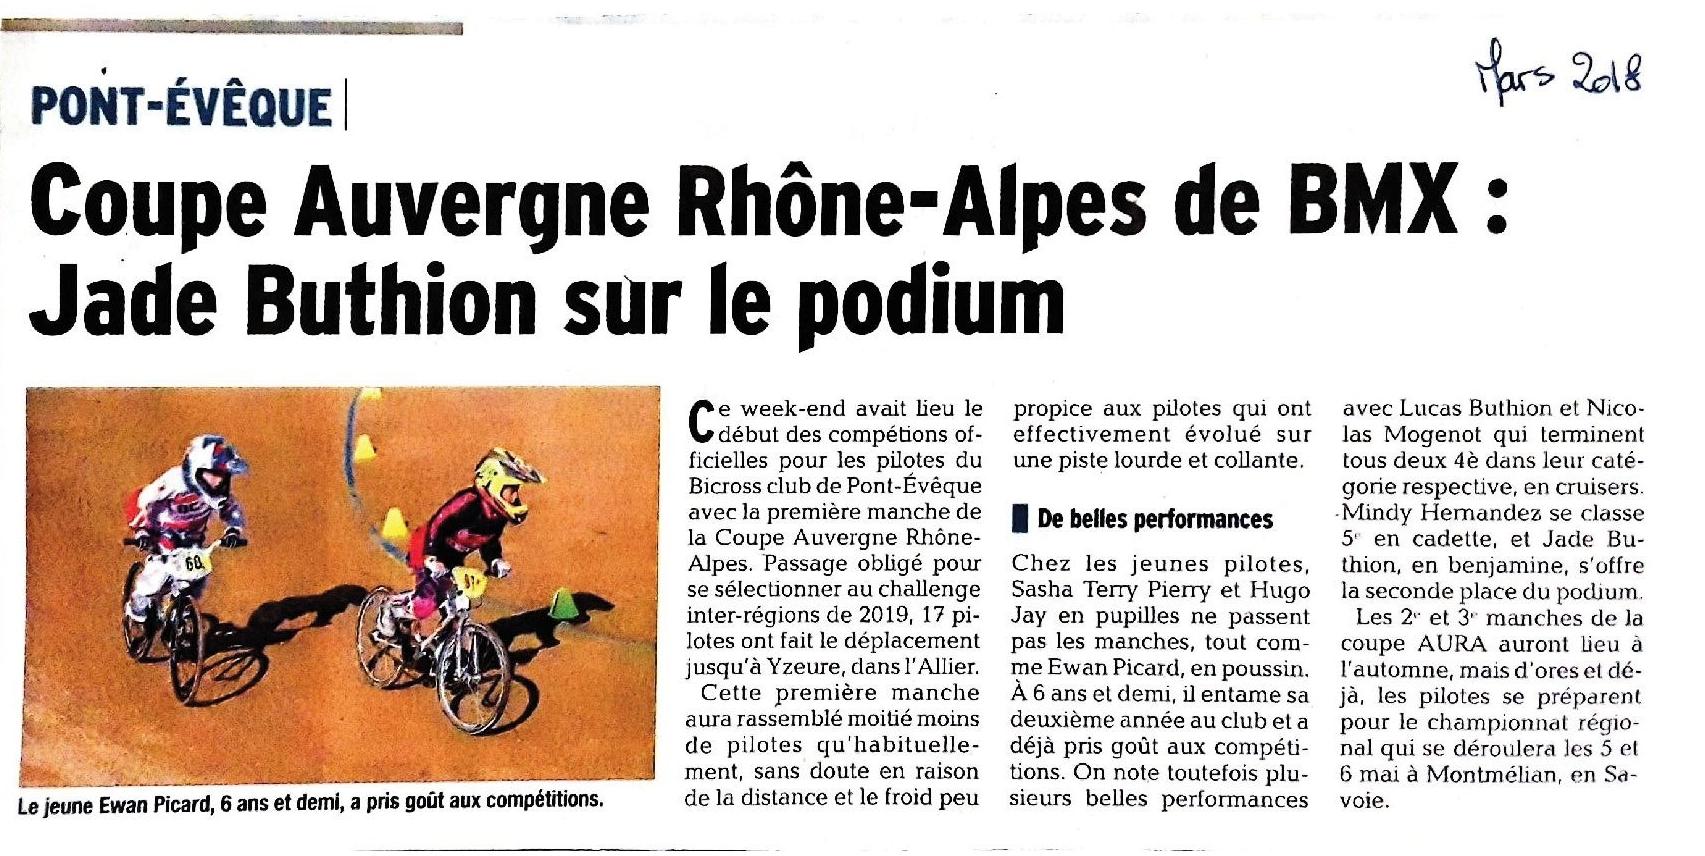 Coupe Auvergne Rhône Alpes 1ère manche à Yzeure - 17 et 18 mars 2018